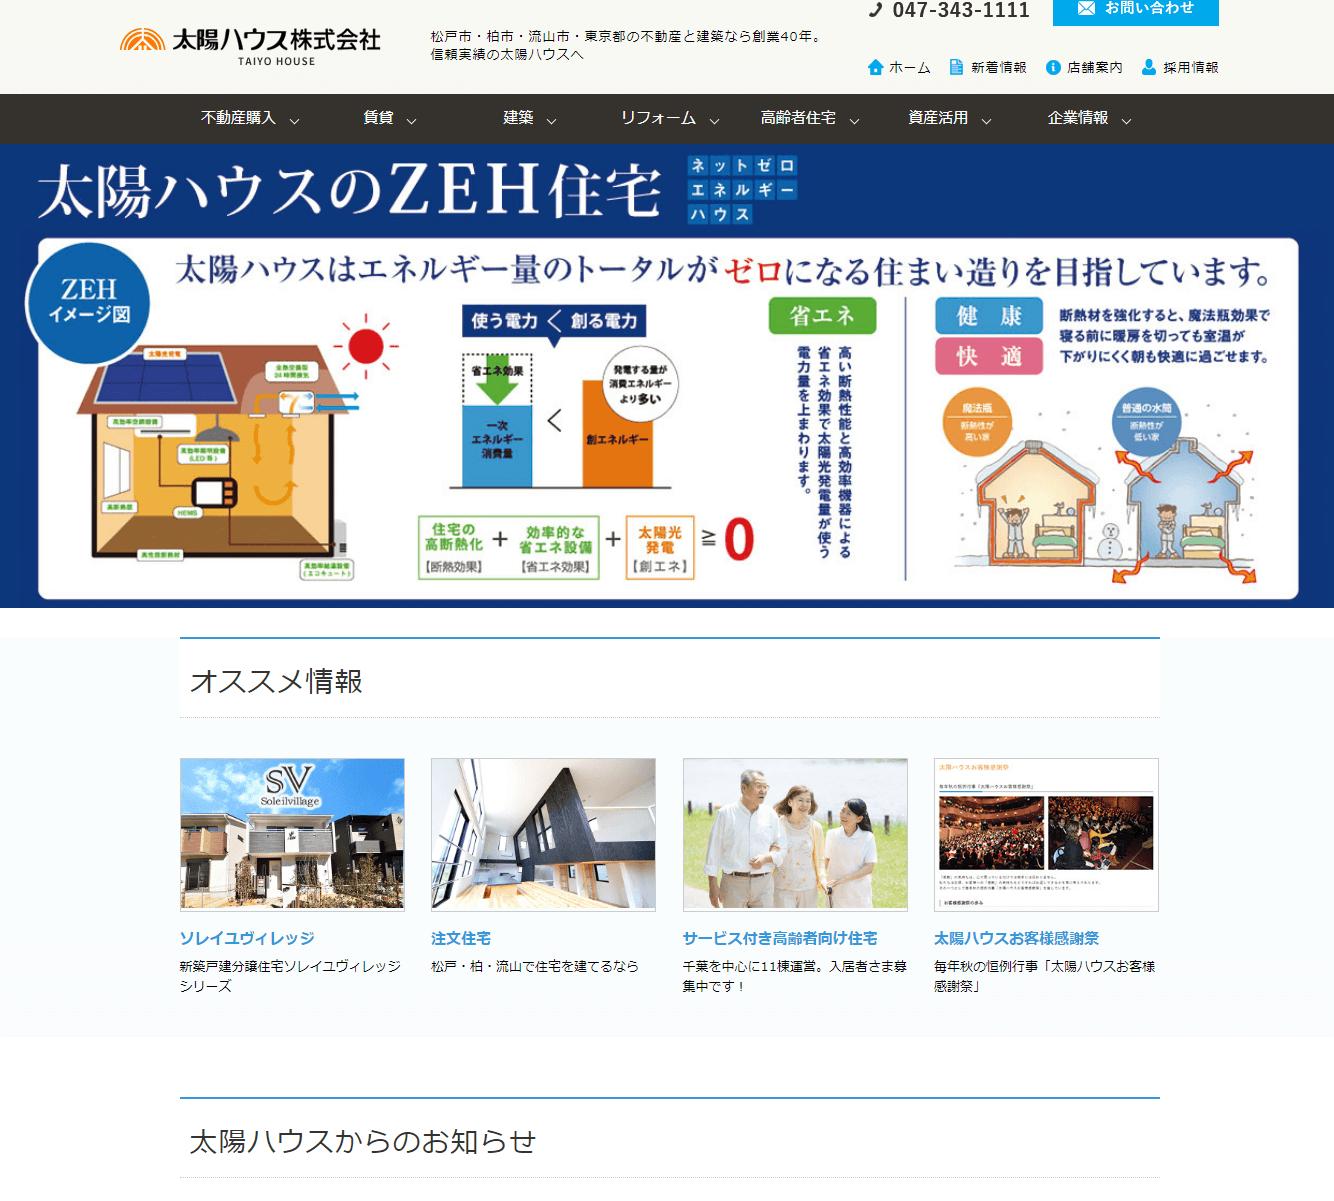 太陽ハウス株式会社